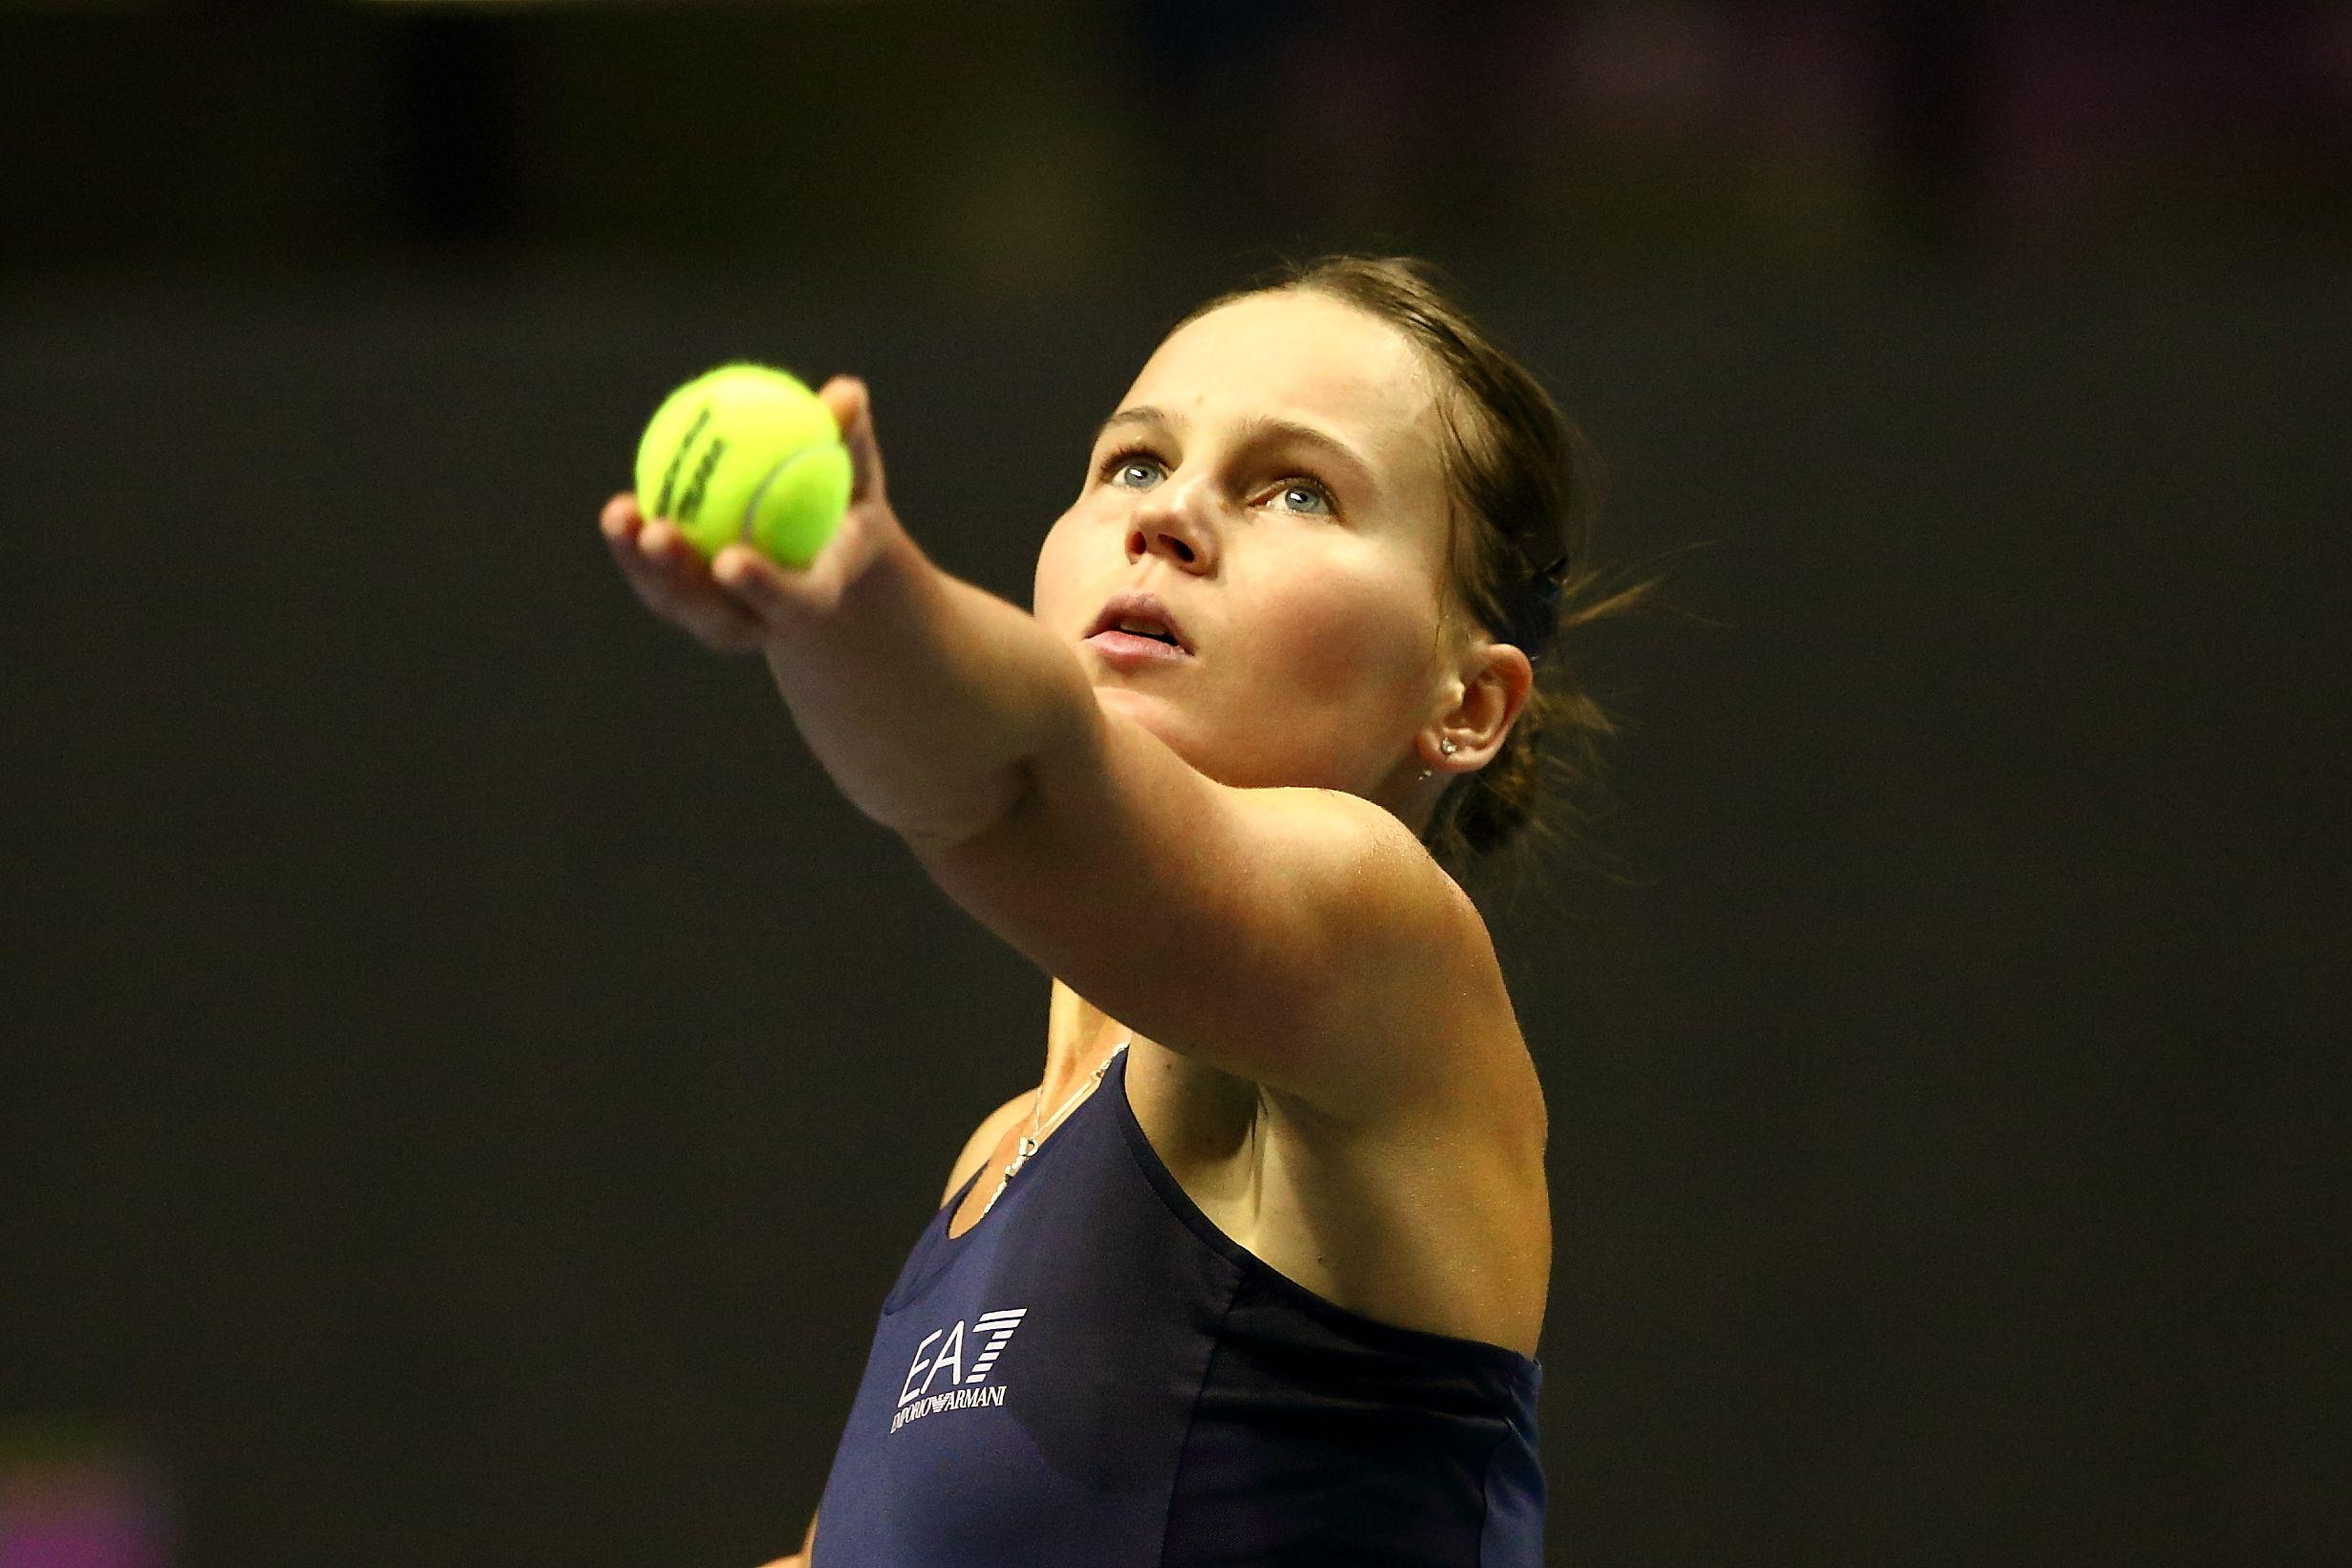 Кудерметова проиграла Соболенко в 1/16 финала турнира в Майами